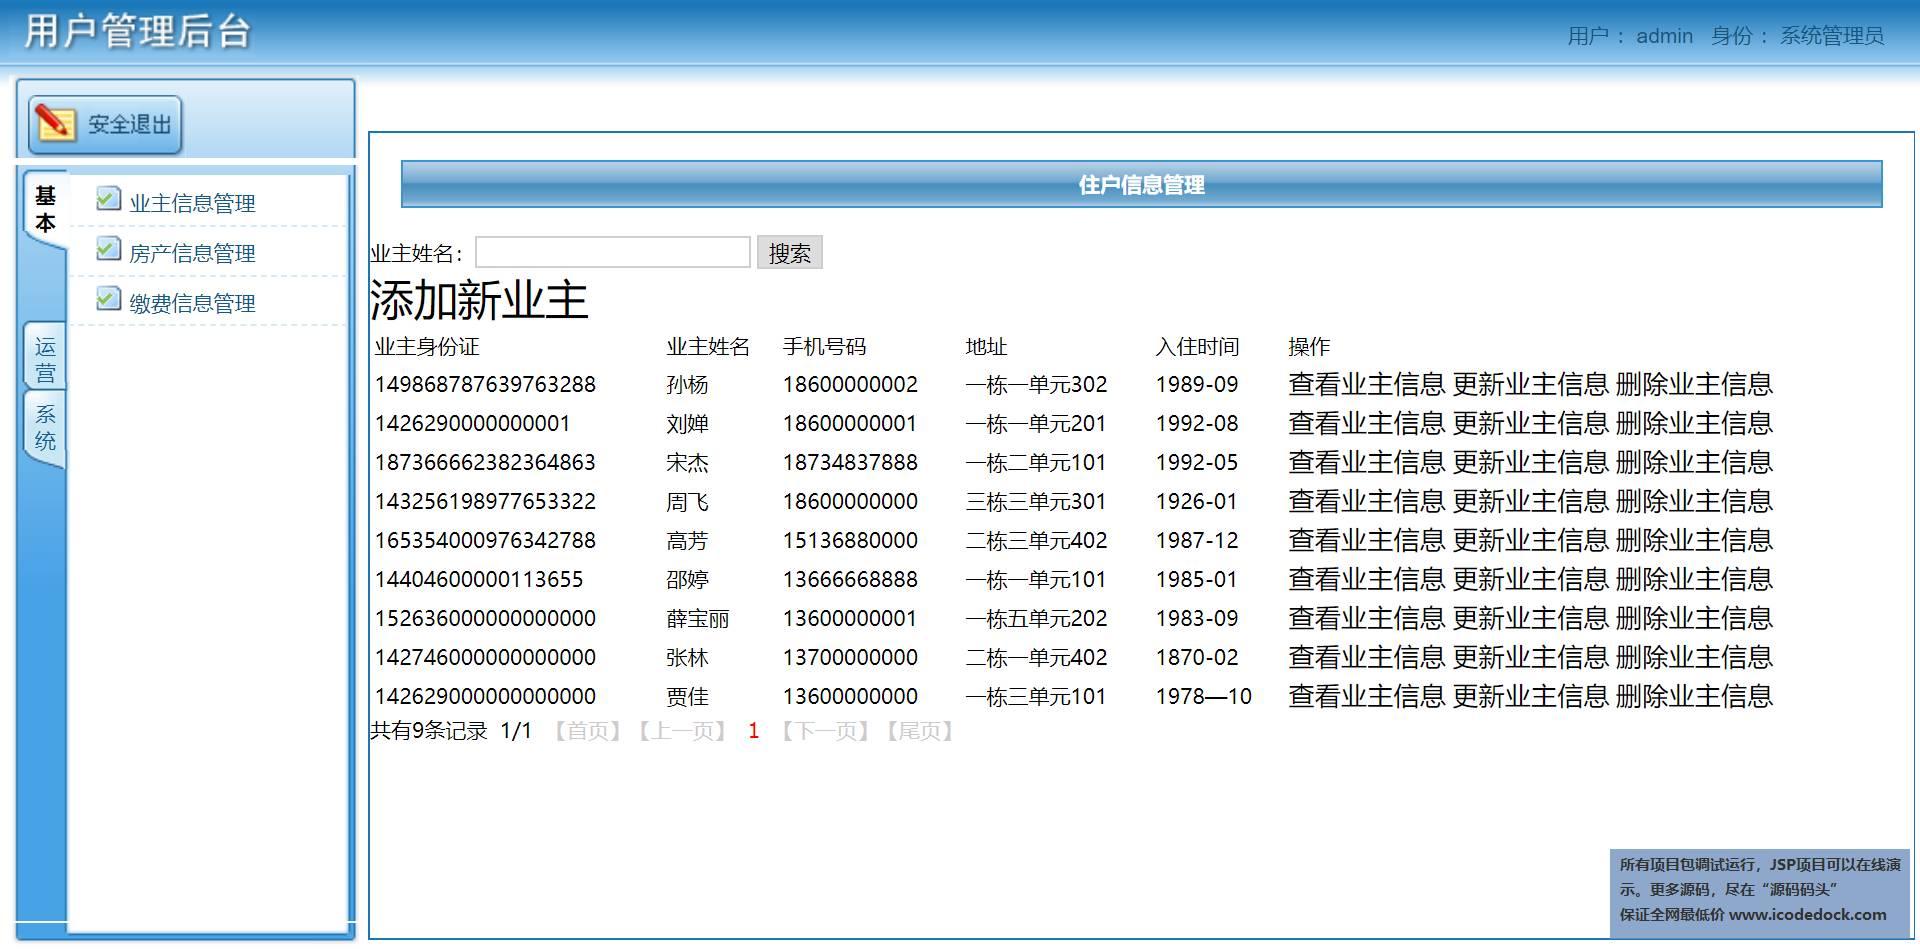 源码码头-SSH物业管理系统-管理员角色-业主信息管理